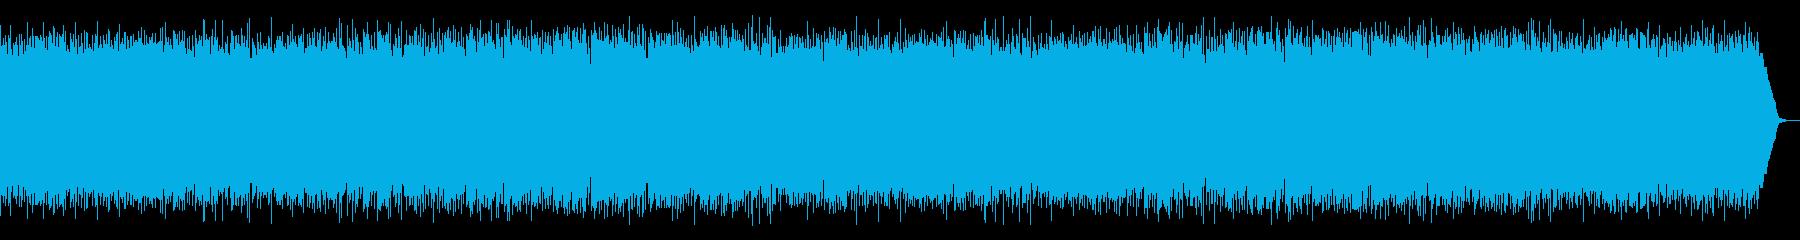 疾走感ある弾む曲でゲーム競技演芸のBGMの再生済みの波形